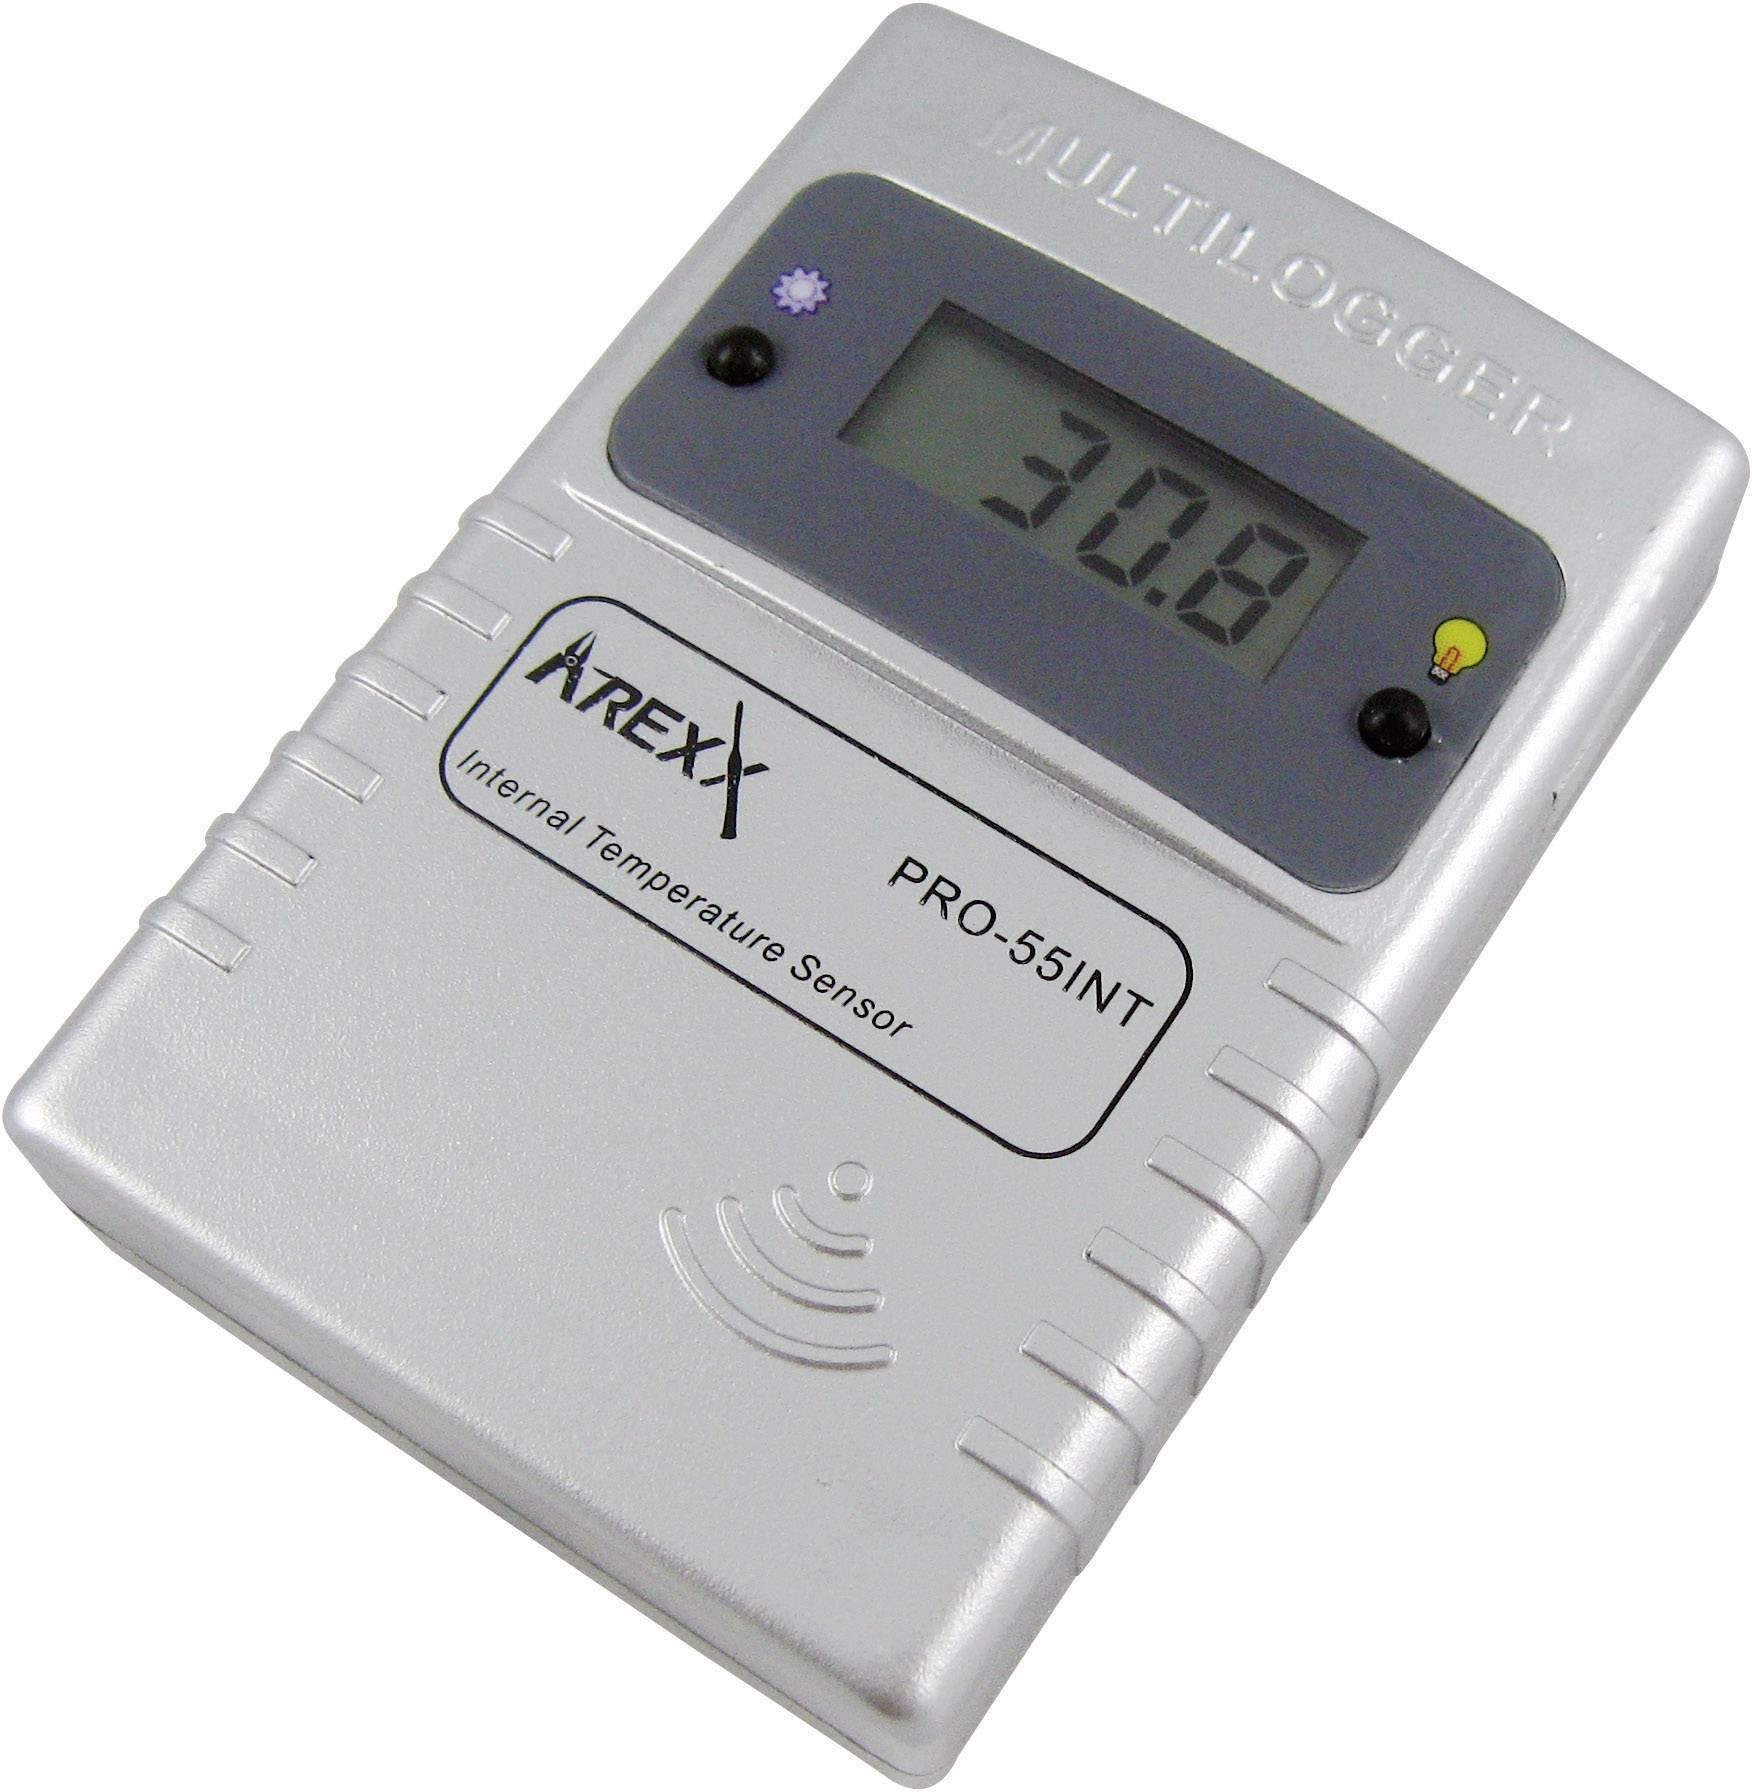 Bezdrátový teplotní senzor PRO-55int pro Multiloggery Arexx, -55 až +125 °C